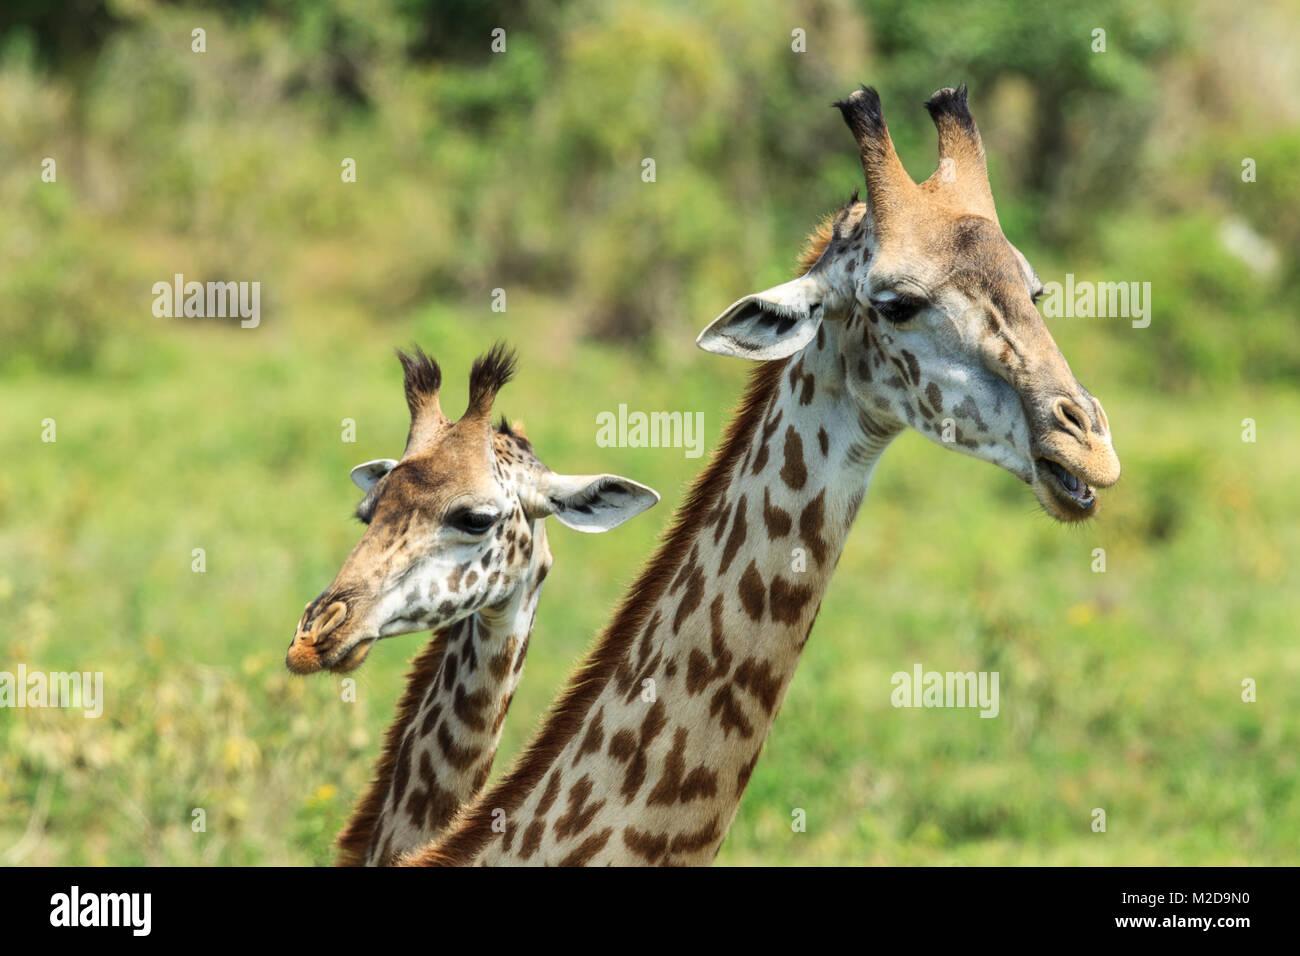 Die Masai Giraffen, auch maasai Giraffe, auch genannt Kilimanjaro giraffe buchstabiert wird, ist die größte Stockbild